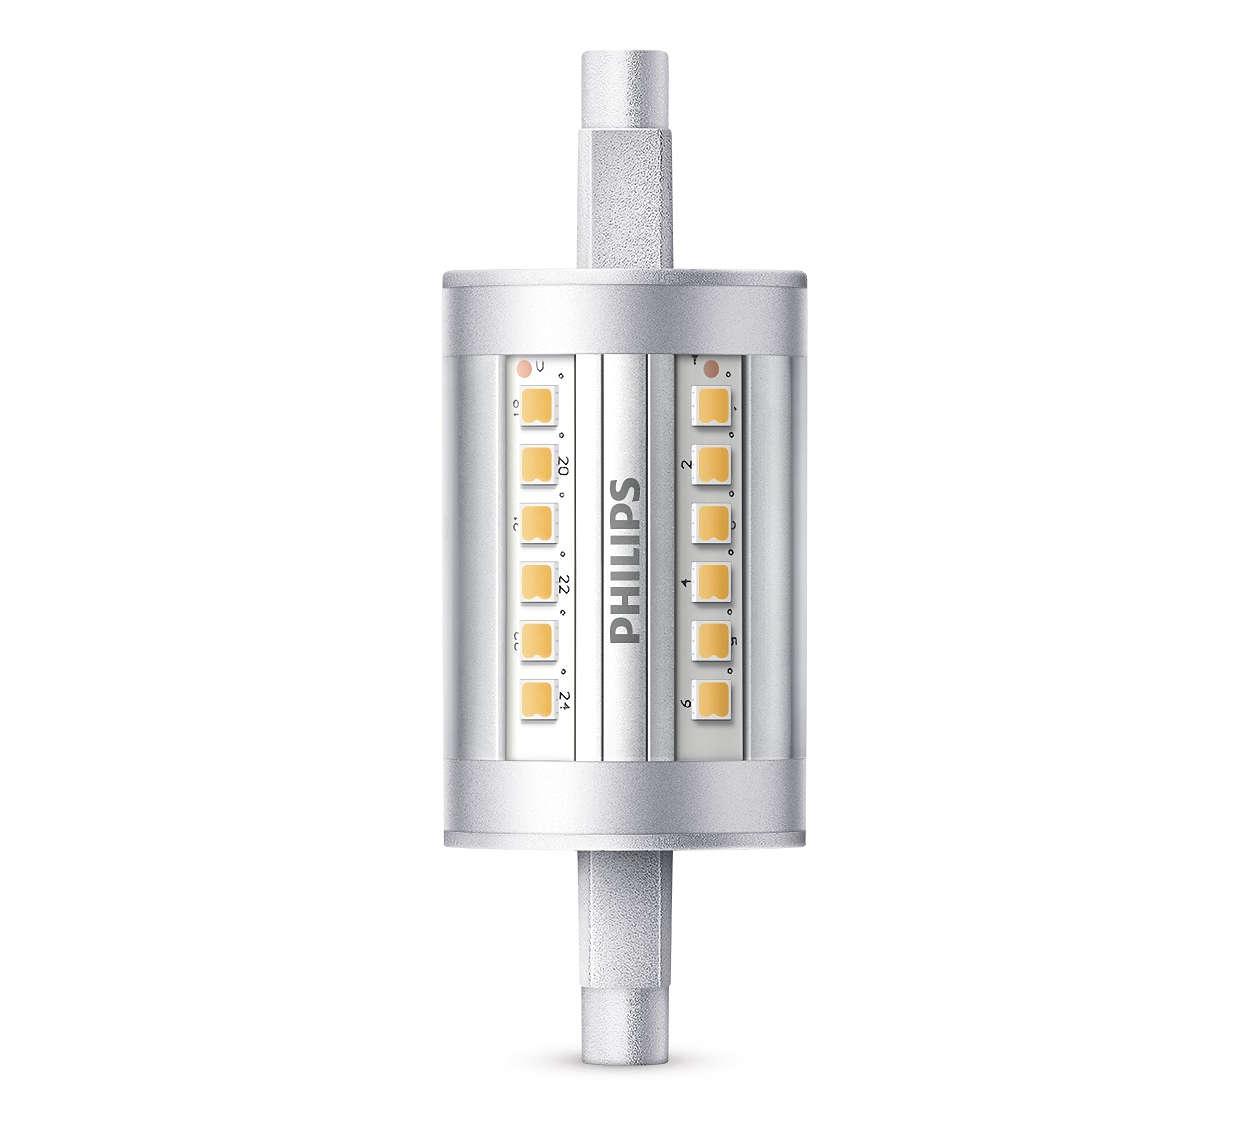 Duurzame LED-lamp met een lichtstraal van 300 graden